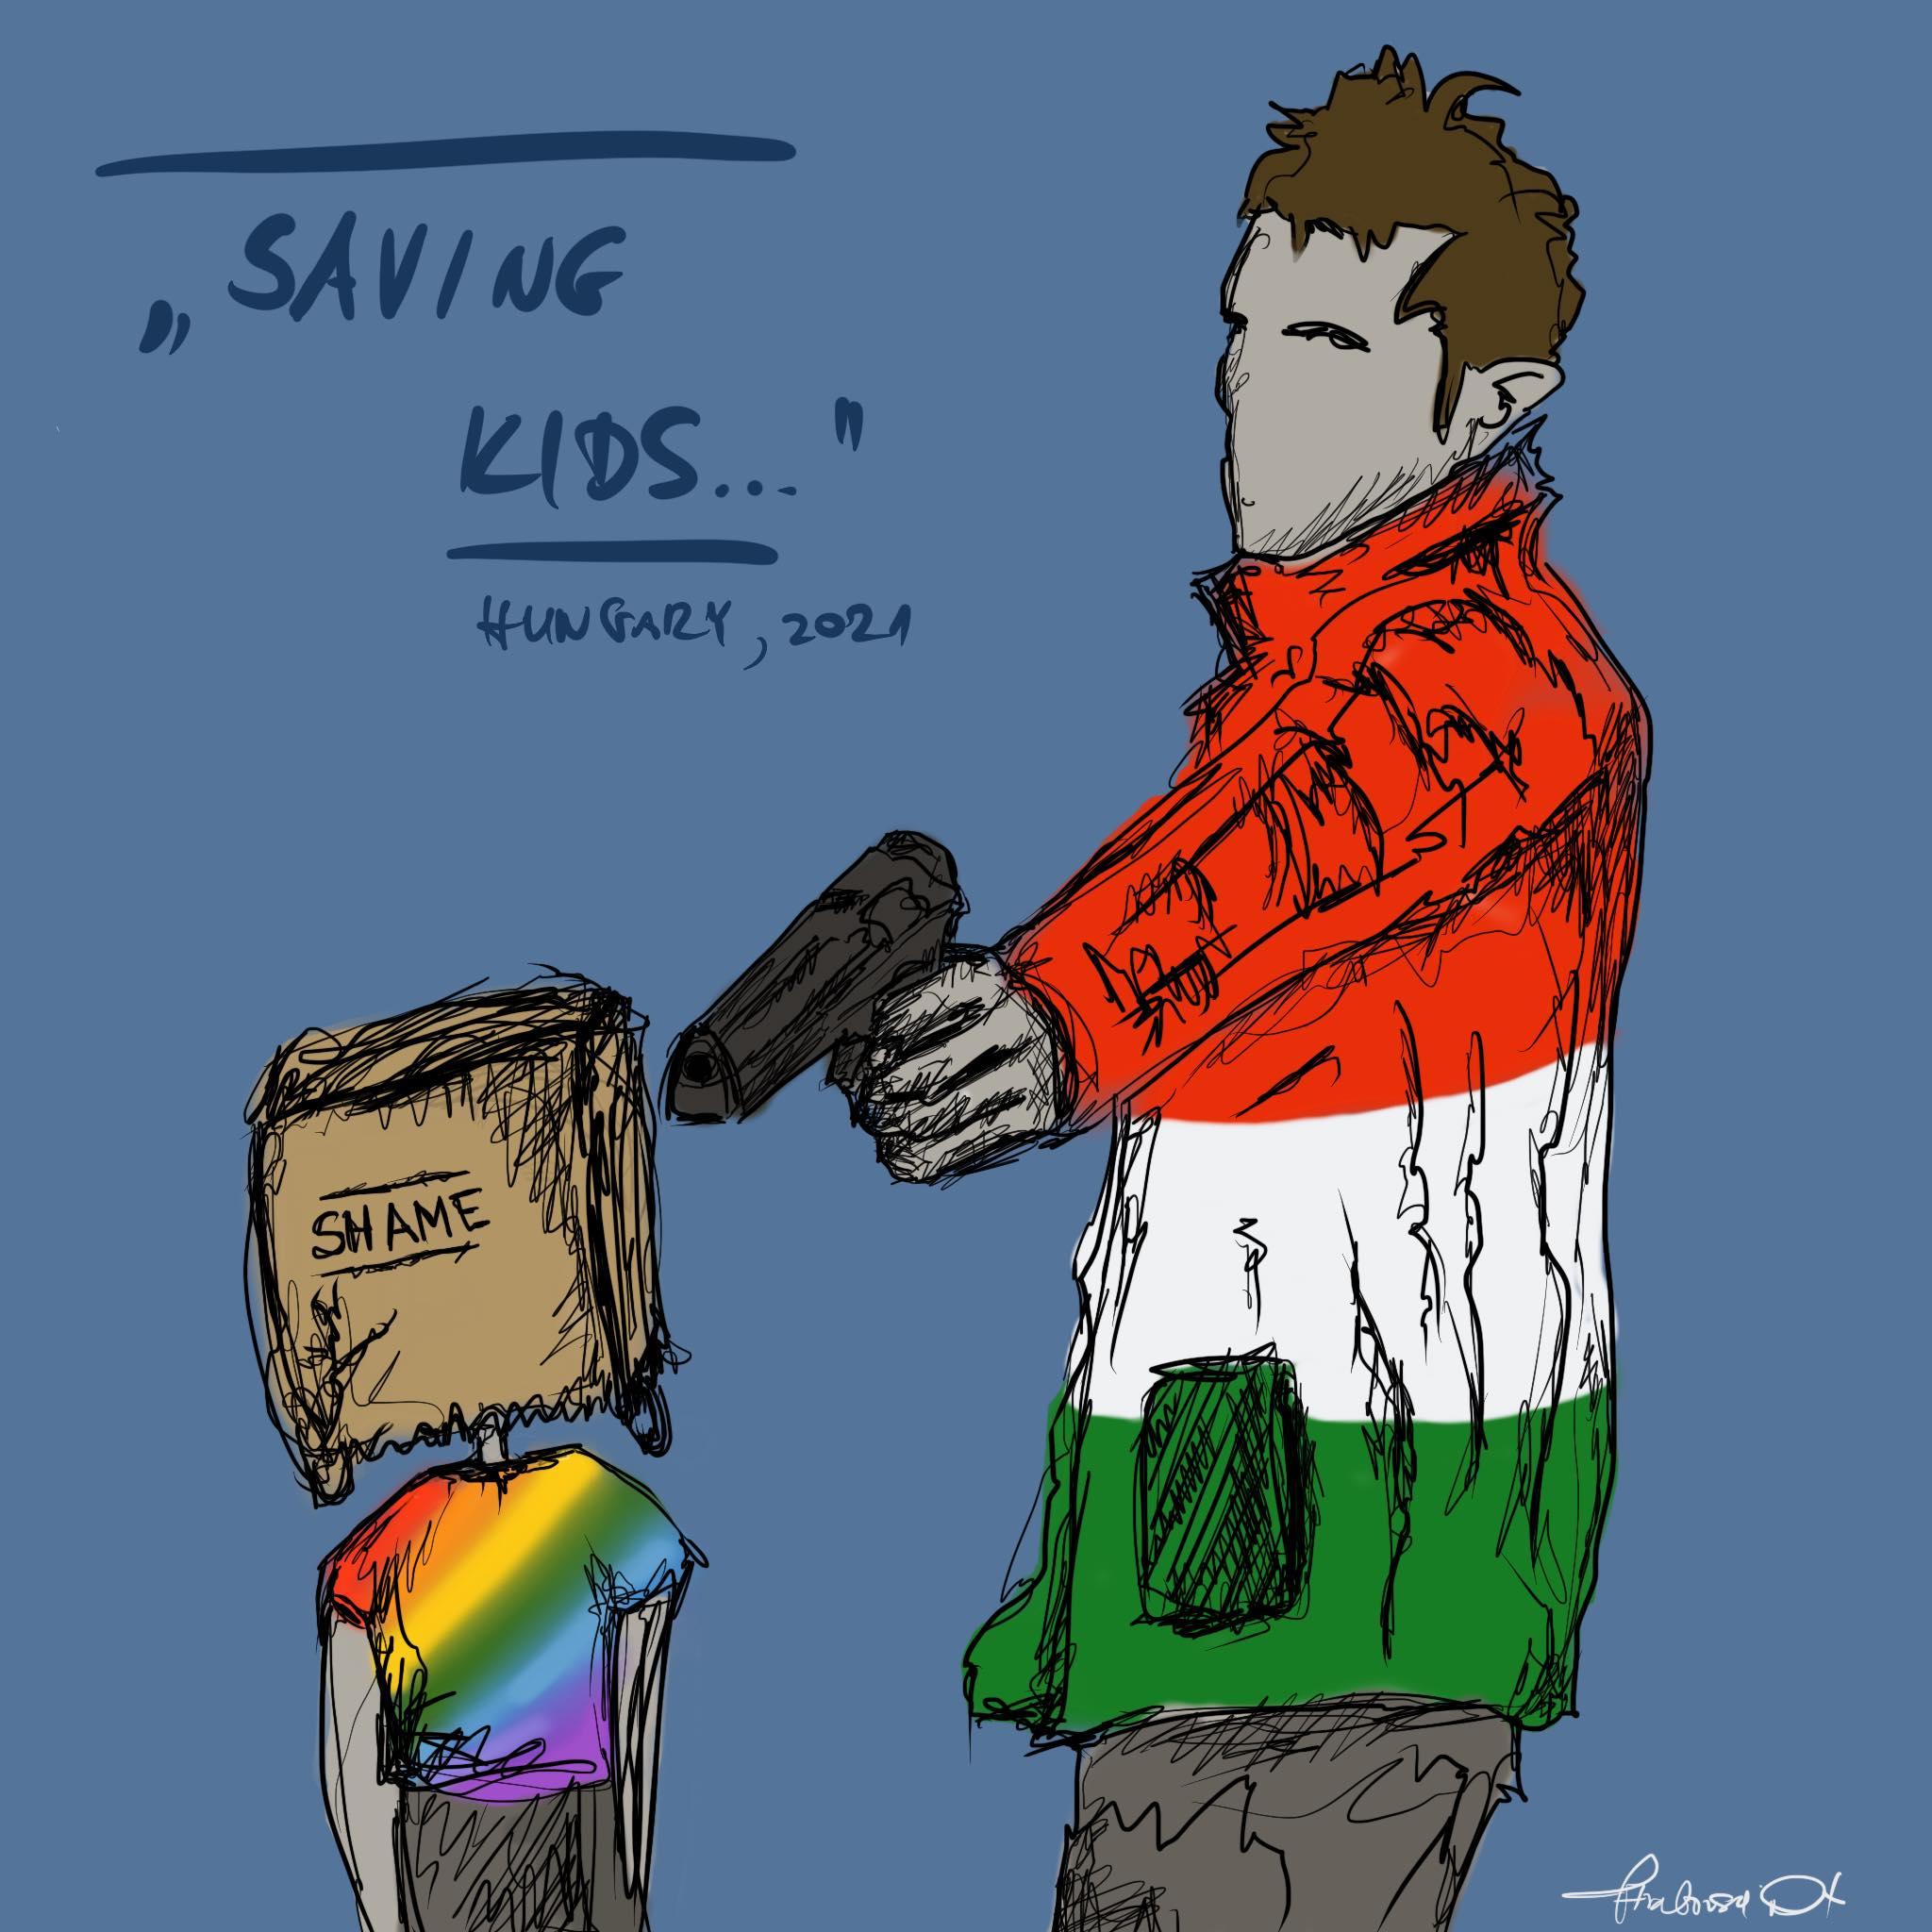 pride_save_kids_shame.jpg